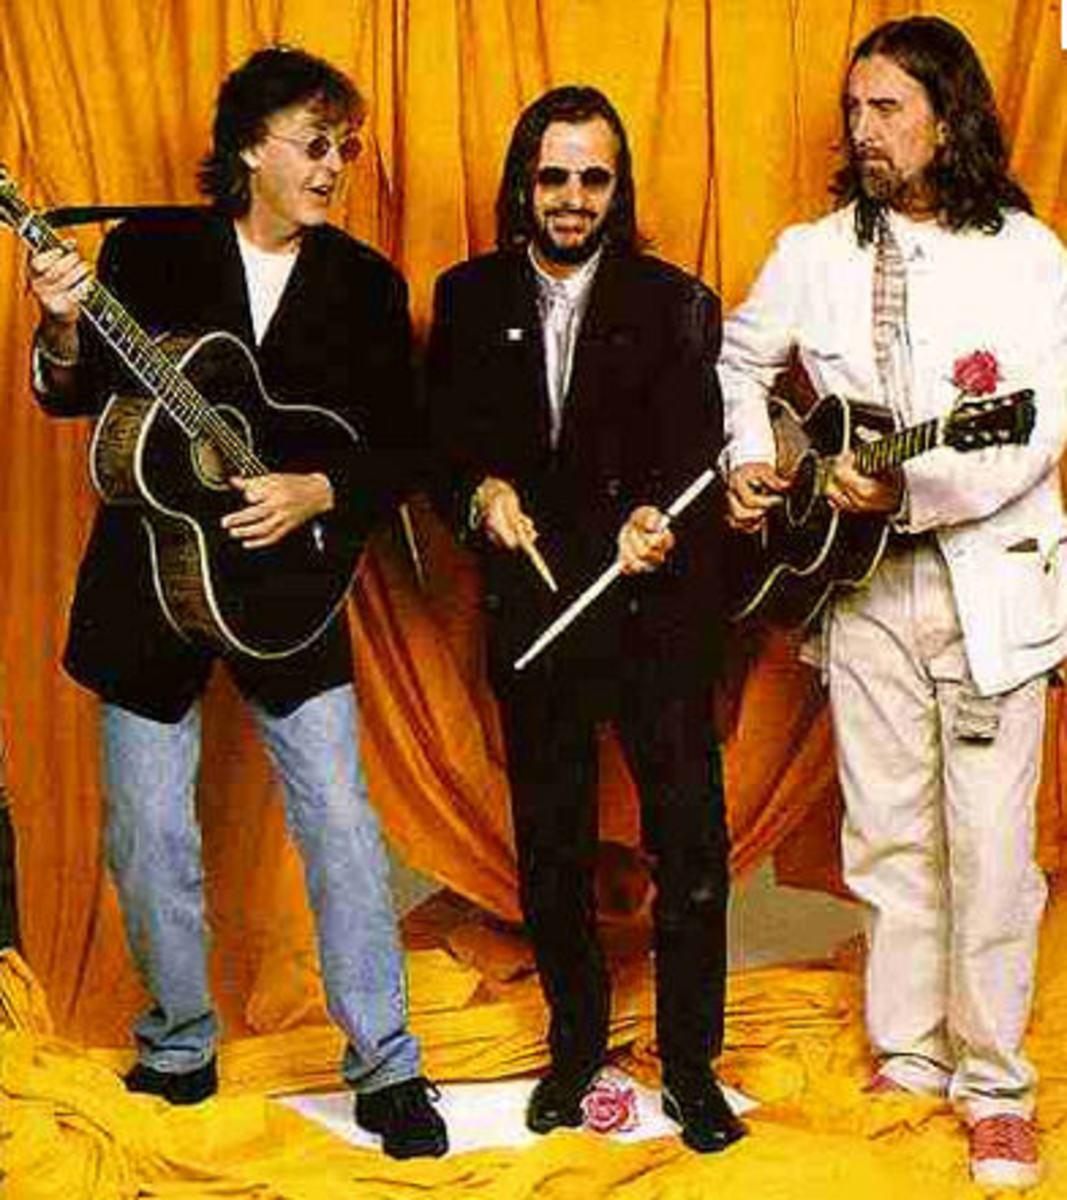 Beatles in 1995